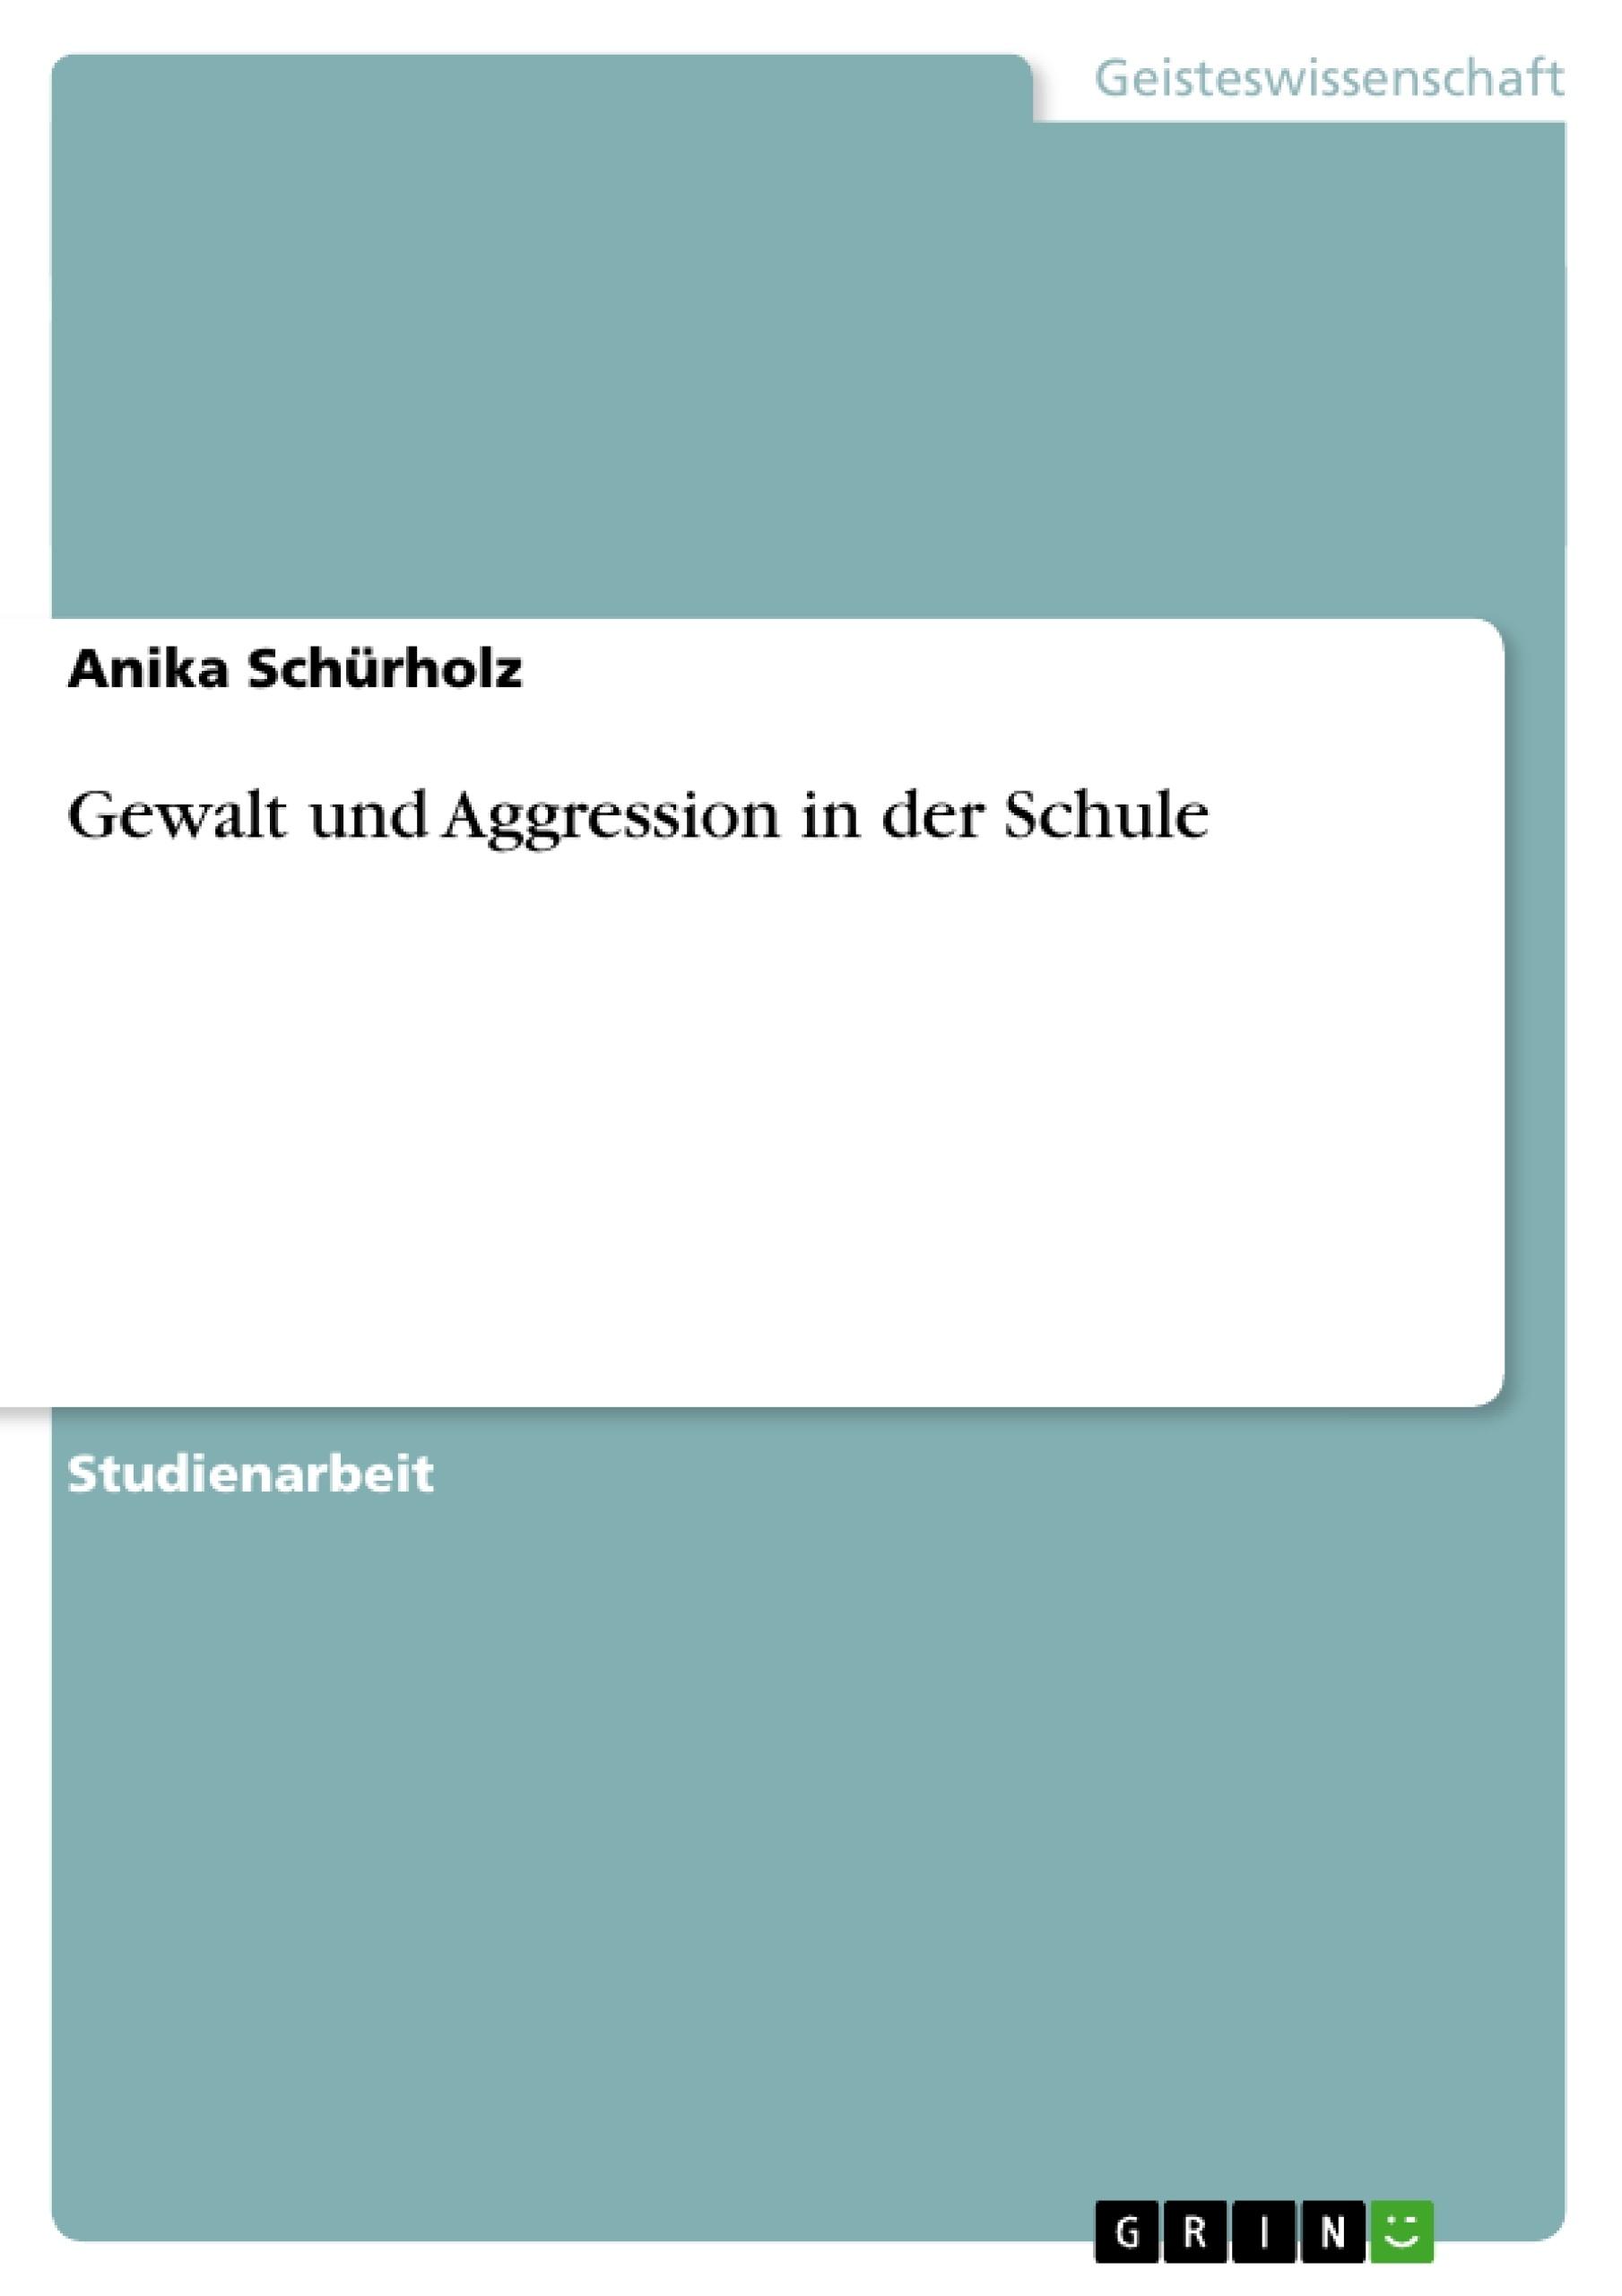 Titel: Gewalt und Aggression in der Schule